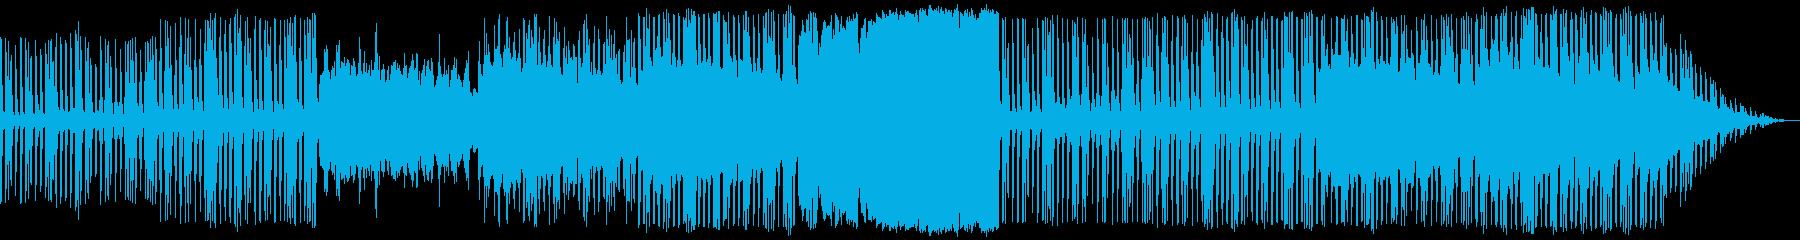 野心・陰謀的なイメージのストリングスの再生済みの波形